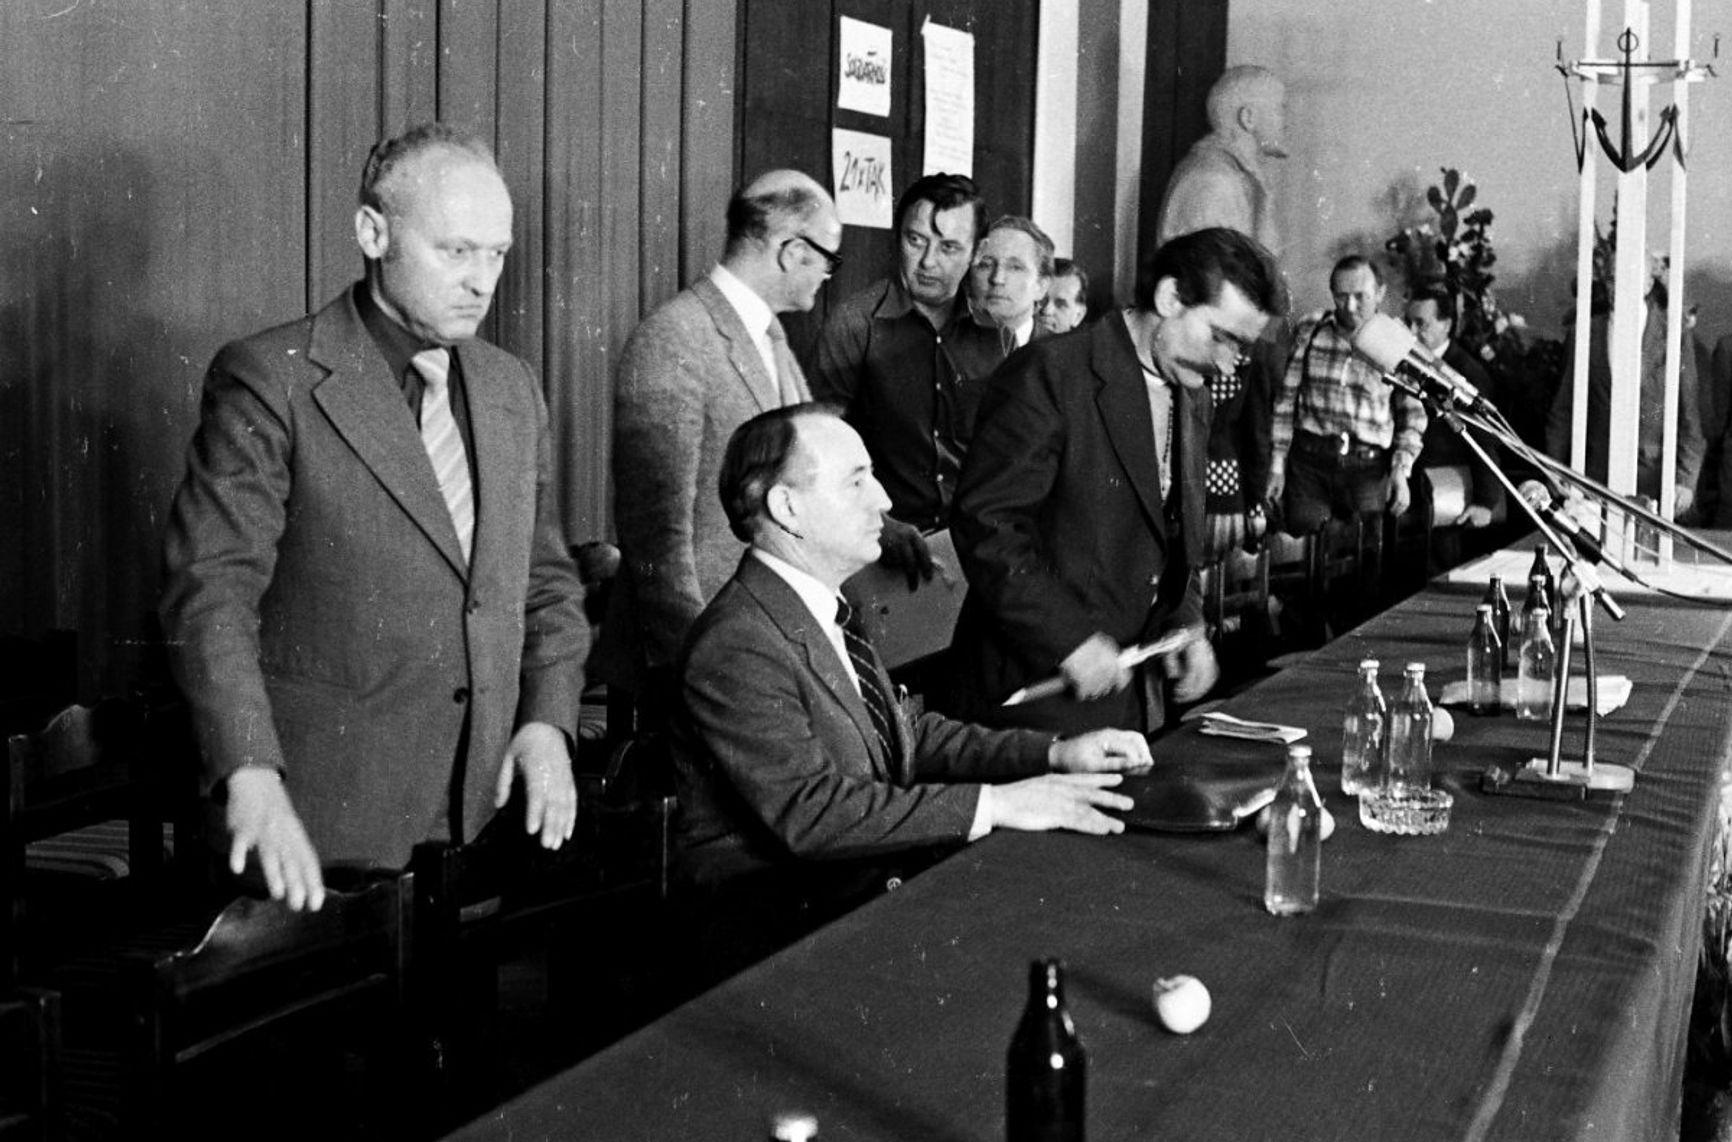 Лех Валенса и Мечислав Ягельский на подписании соглашения 31 августа 1980 года